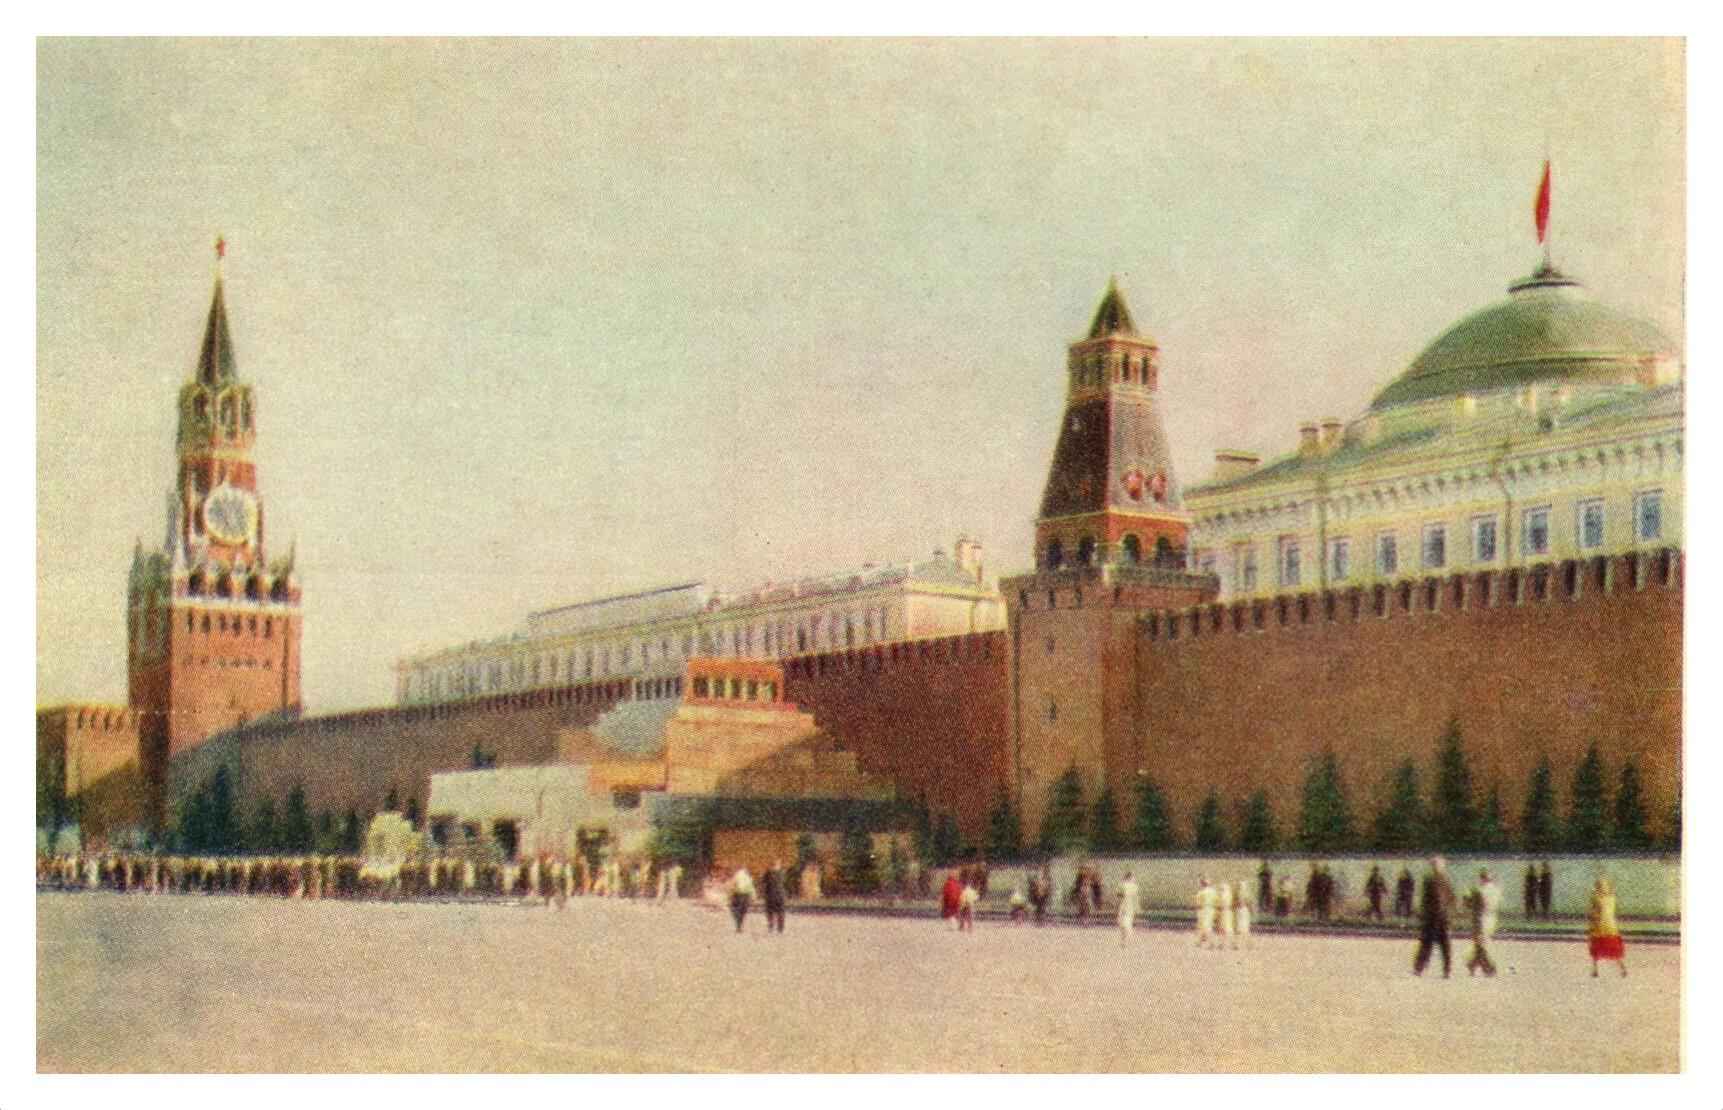 ZAVODFOTO / История городов России в фотографиях: Москва в 1955 году